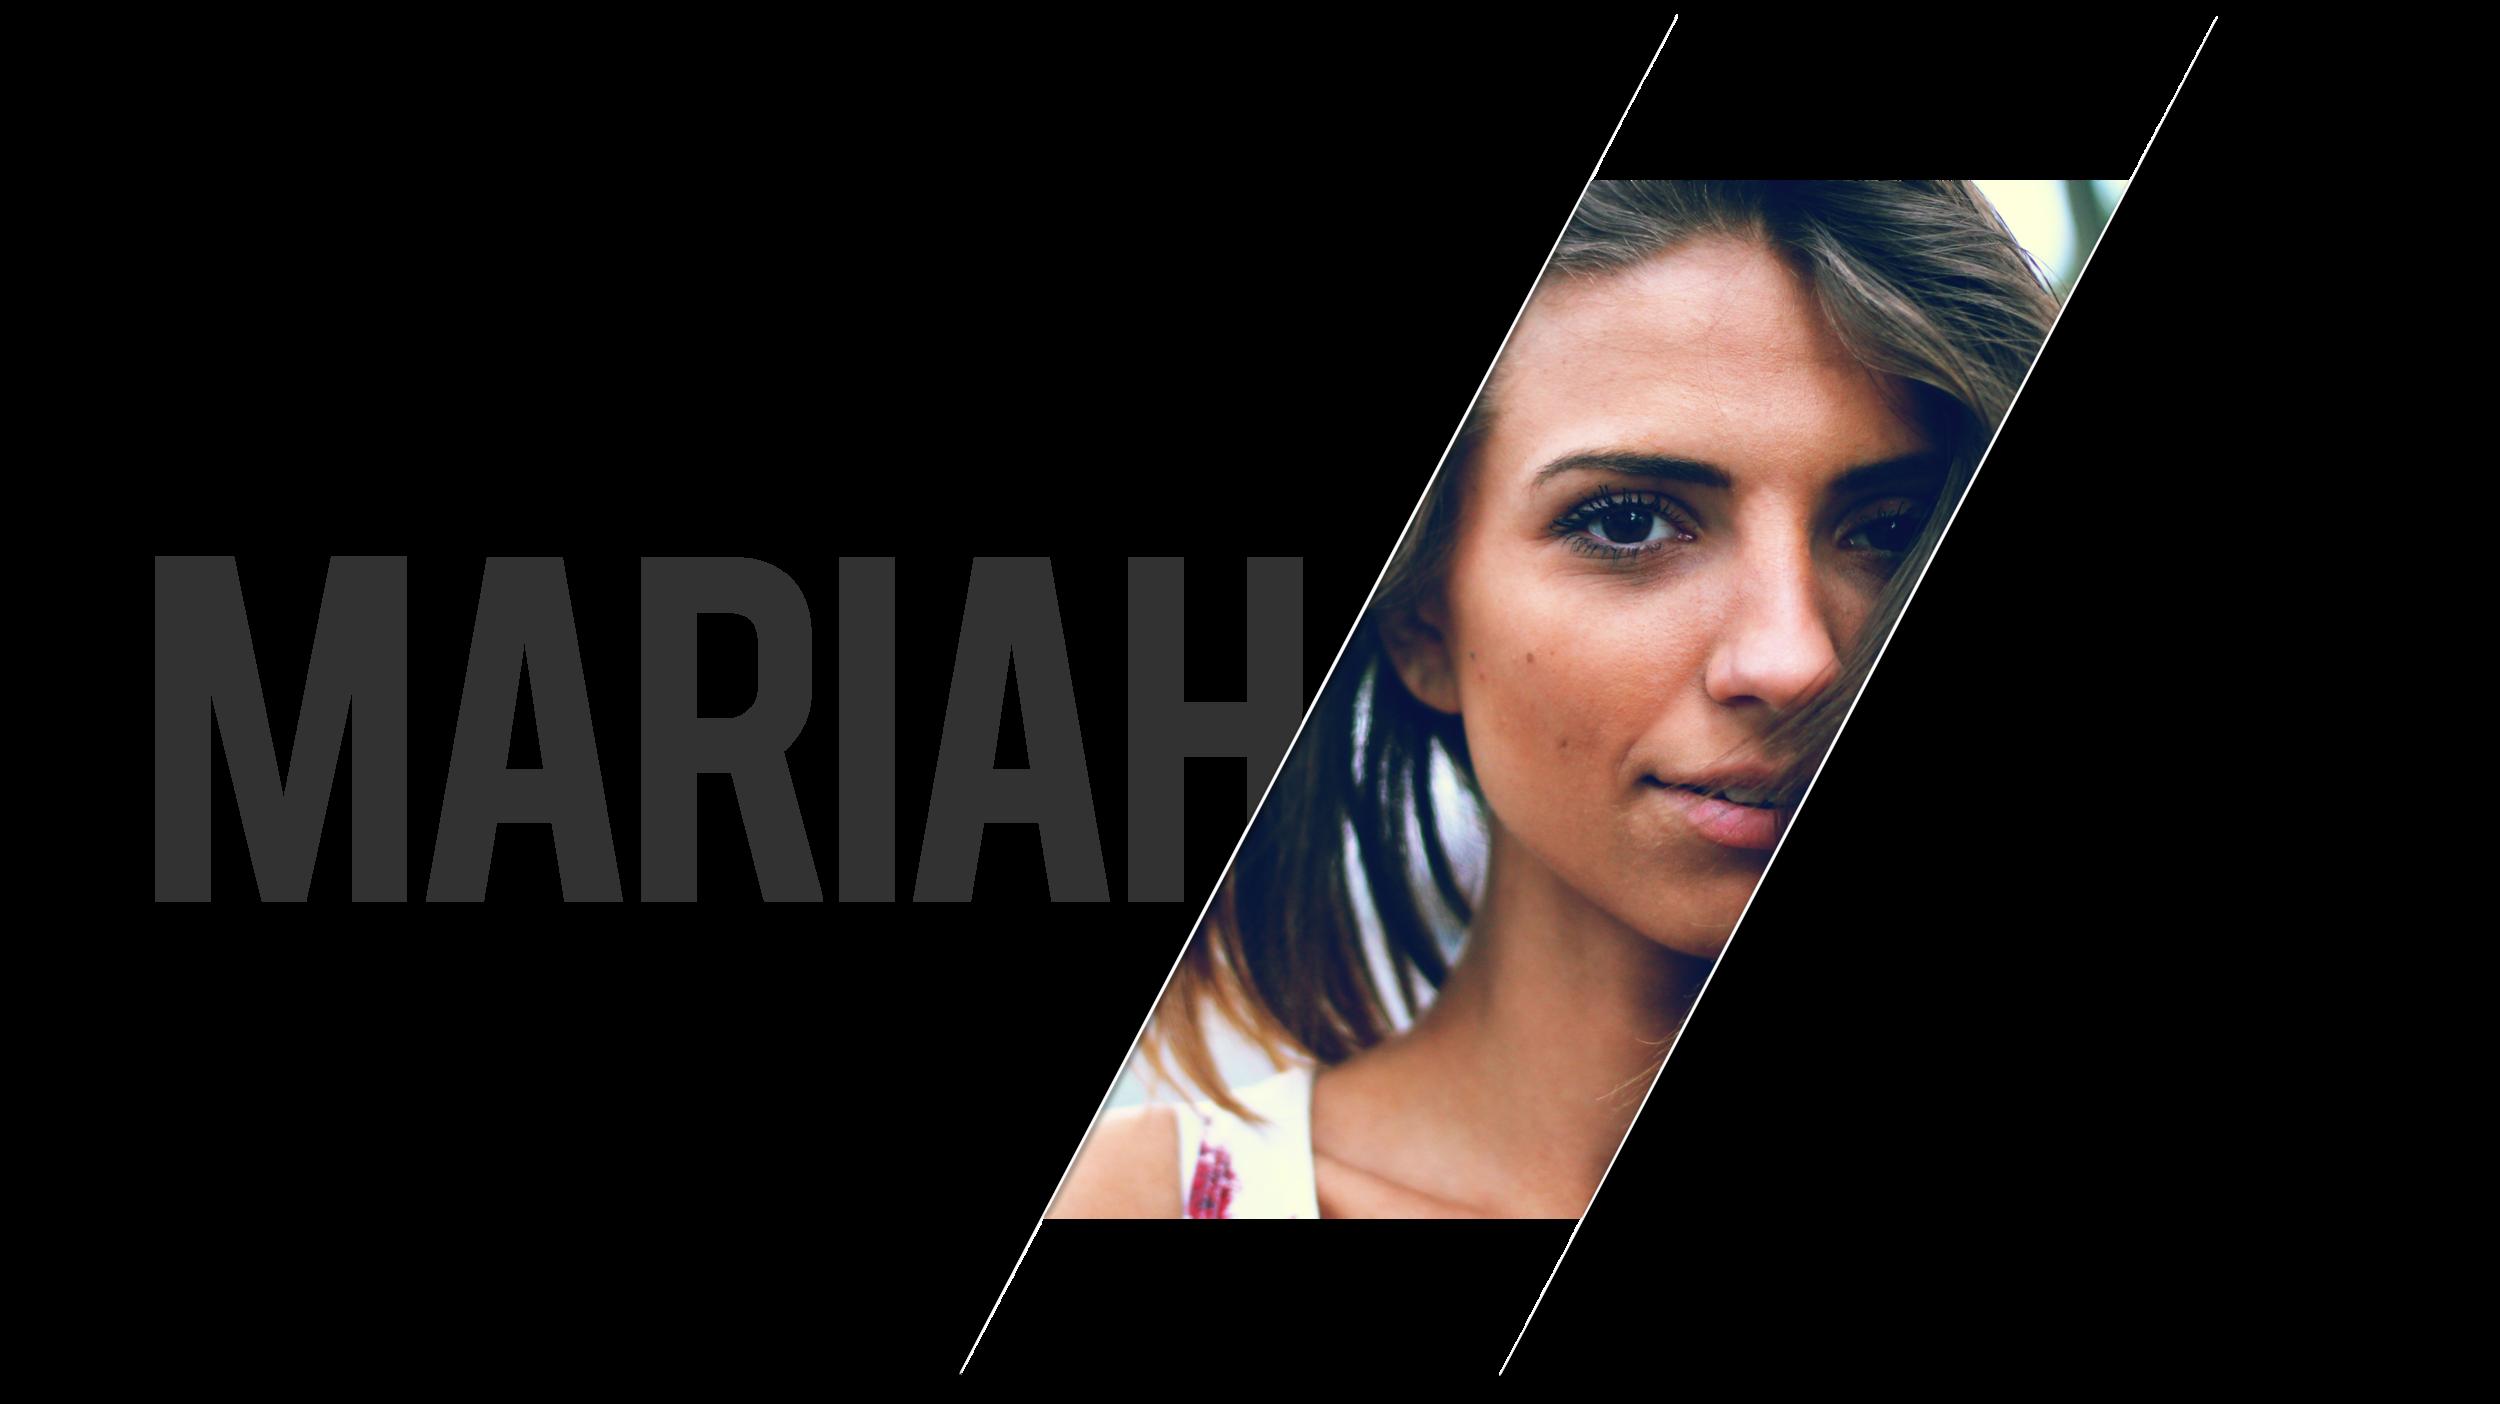 Model Thumbnail - Mariah.png